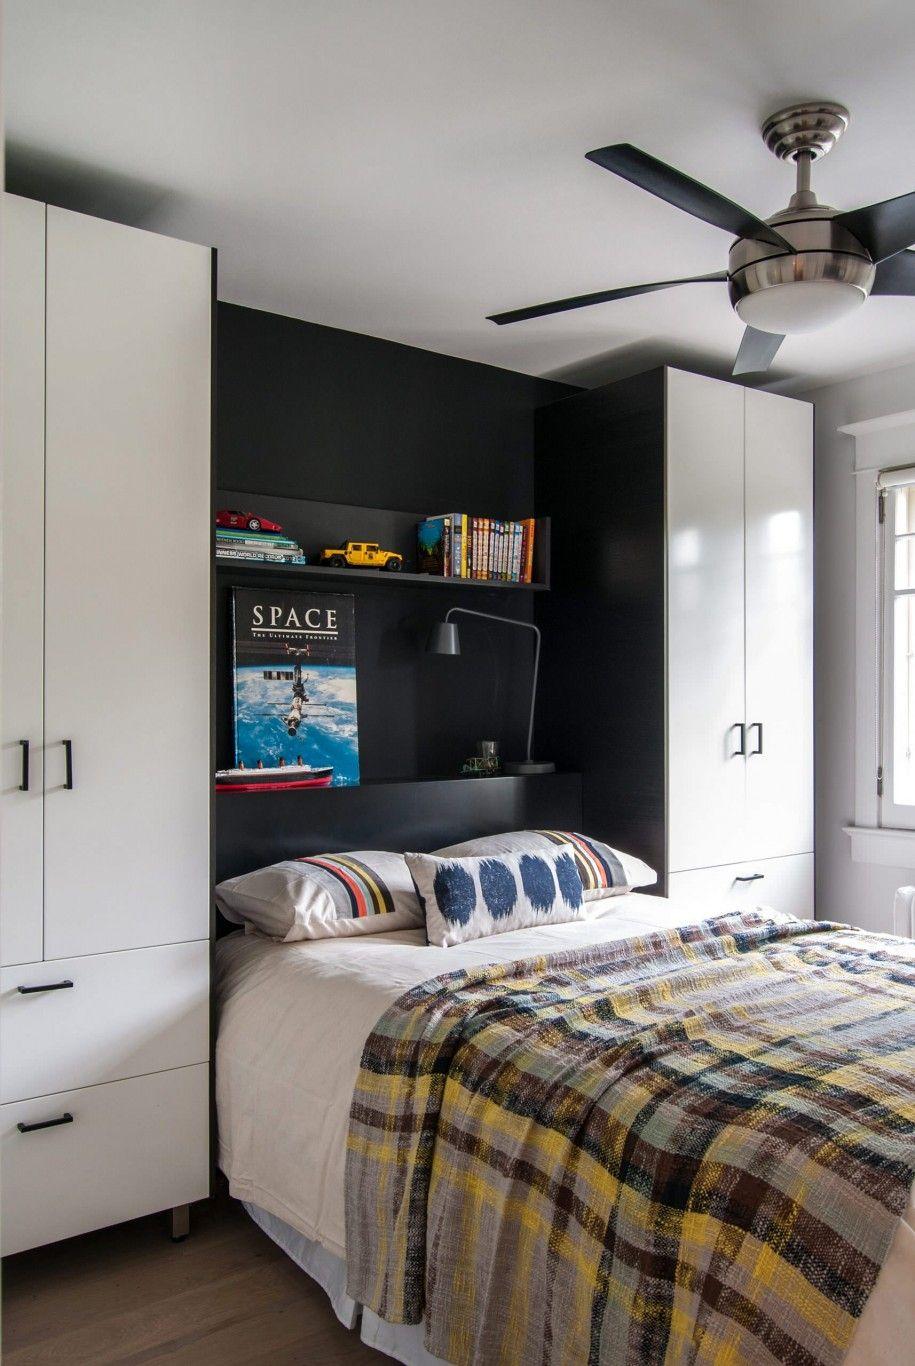 Шкаф занимает всю стену и изголовье кровати